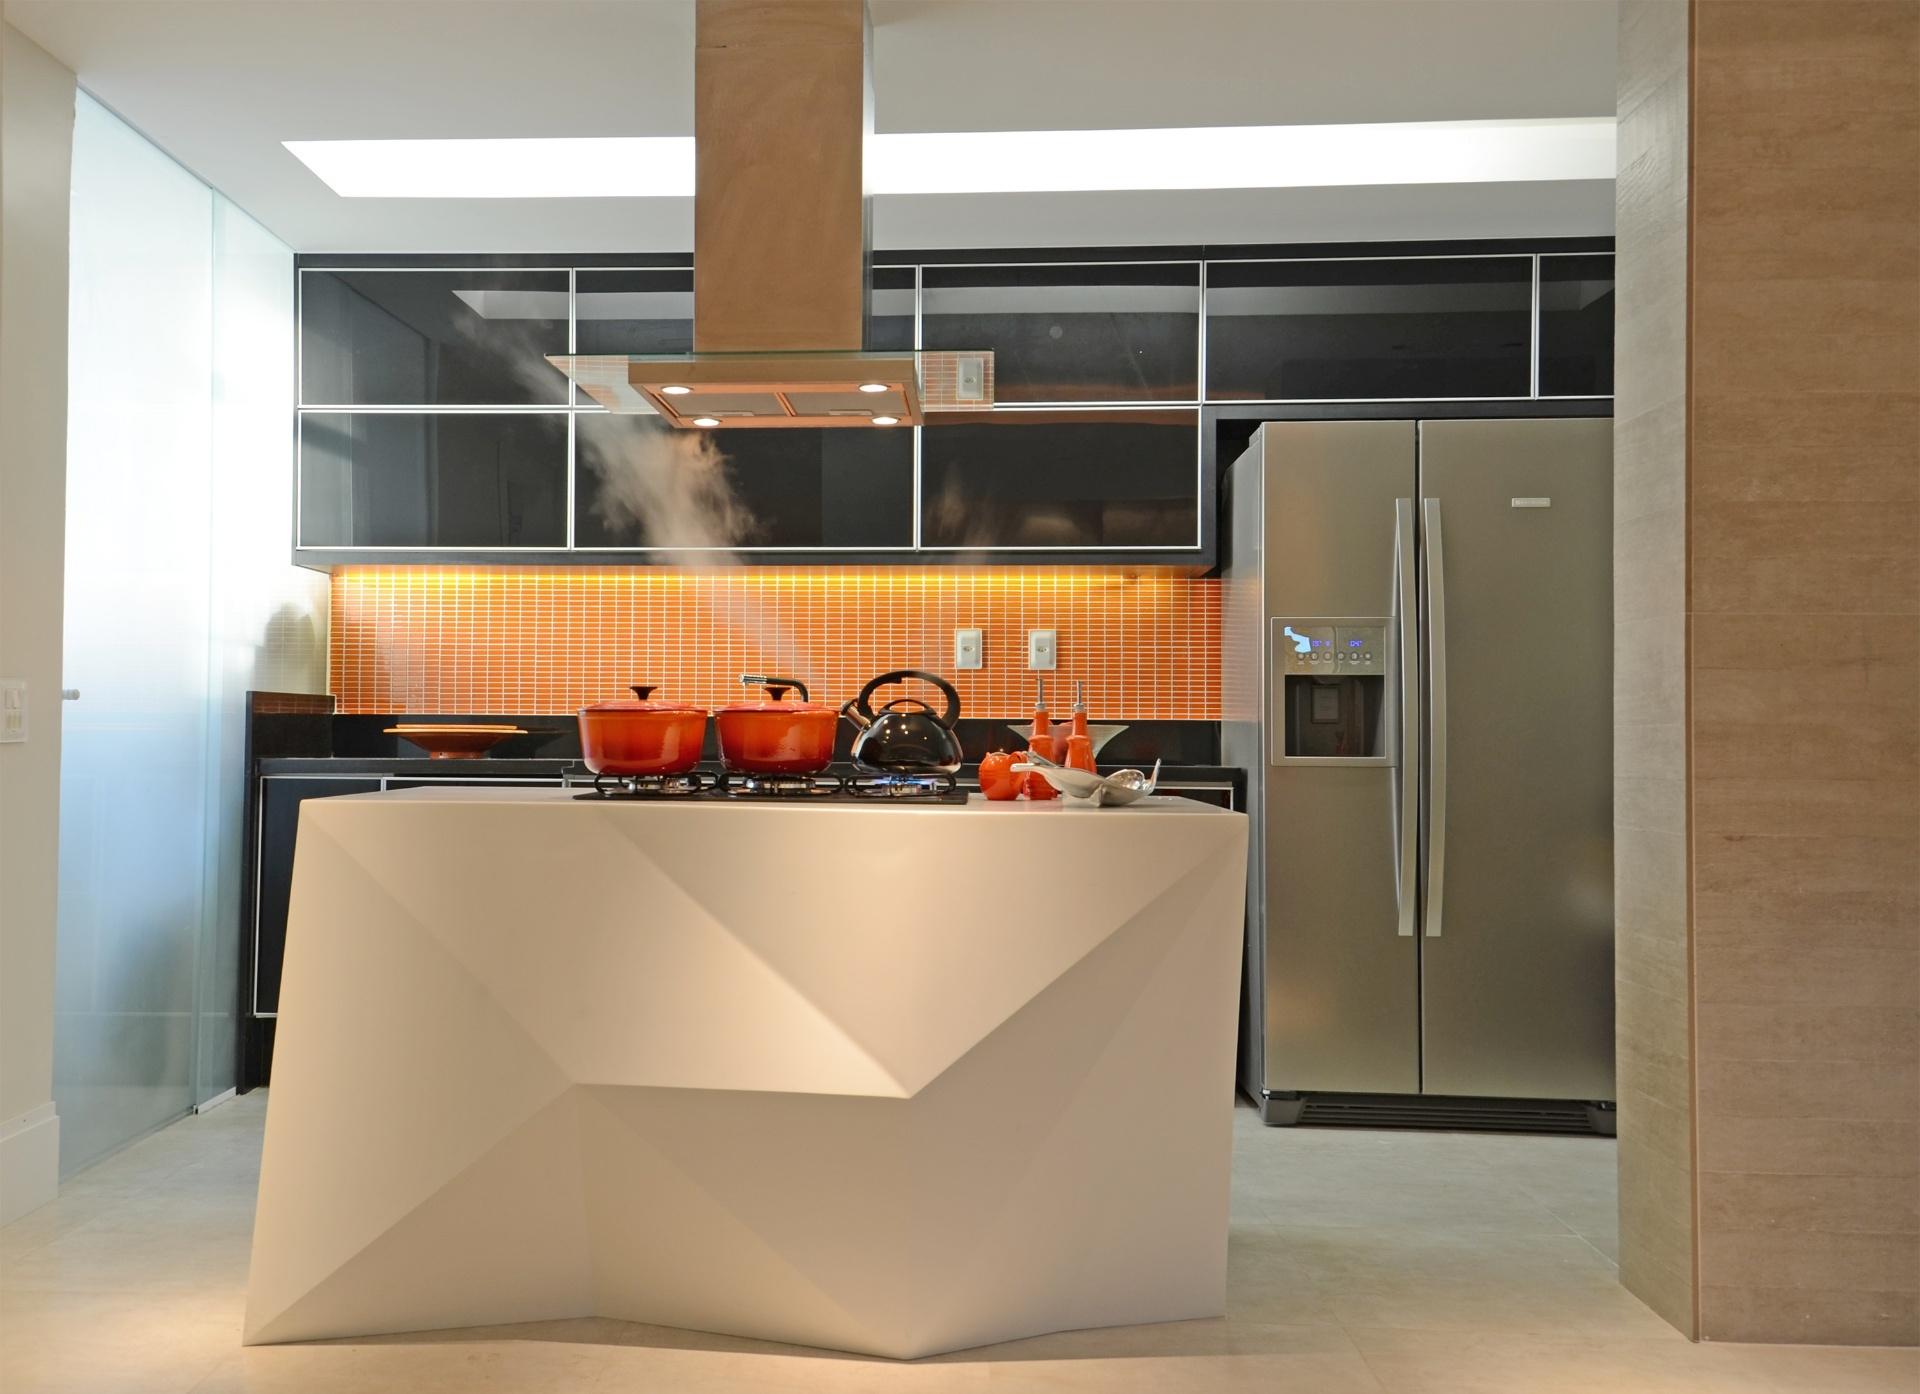 Detalhe do espaço da cozinha delimitado por uma fluida cortina no  #BC3B0E 1920x1394